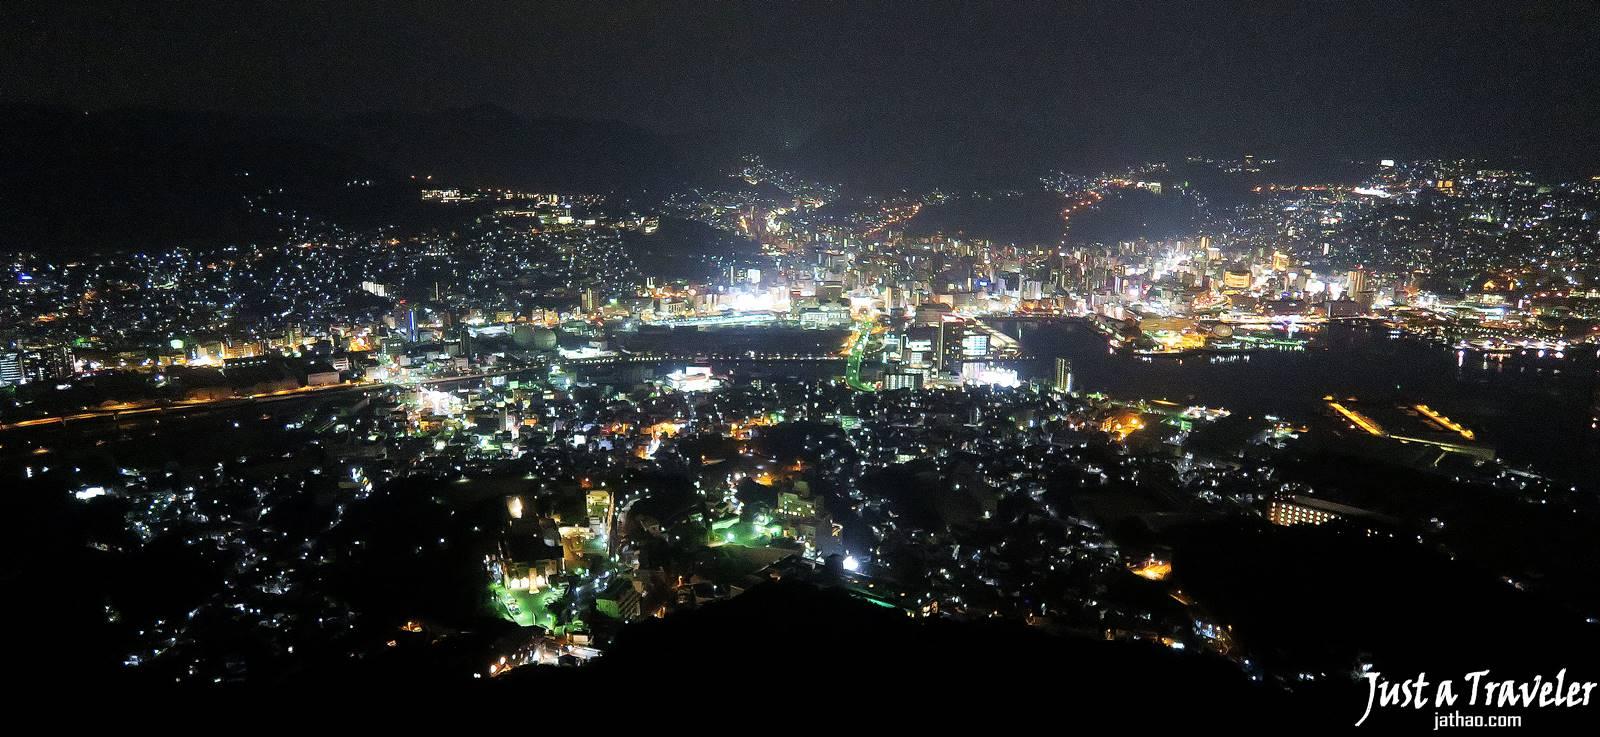 長崎-景點-推薦-稻佐山公園-展望台-長崎必玩景點-長崎必去景點-長崎好玩景點-市區-攻略-長崎自由行景點-長崎旅遊景點-長崎觀光景點-長崎行程-長崎旅行-日本-Nagasaki-Tourist-Attraction